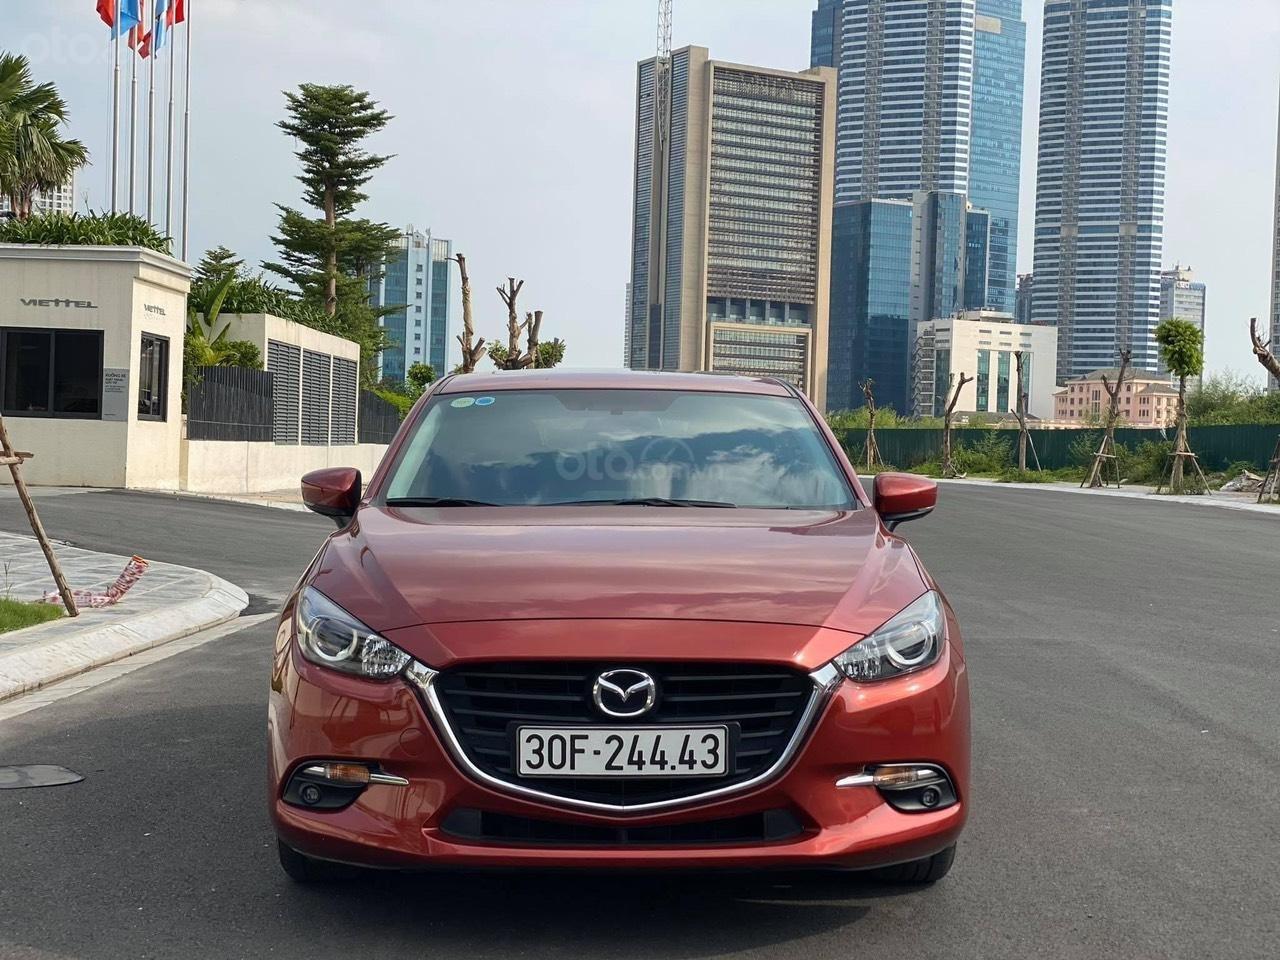 Bán xe Mazda 3 năm 2017, giá tốt (8)